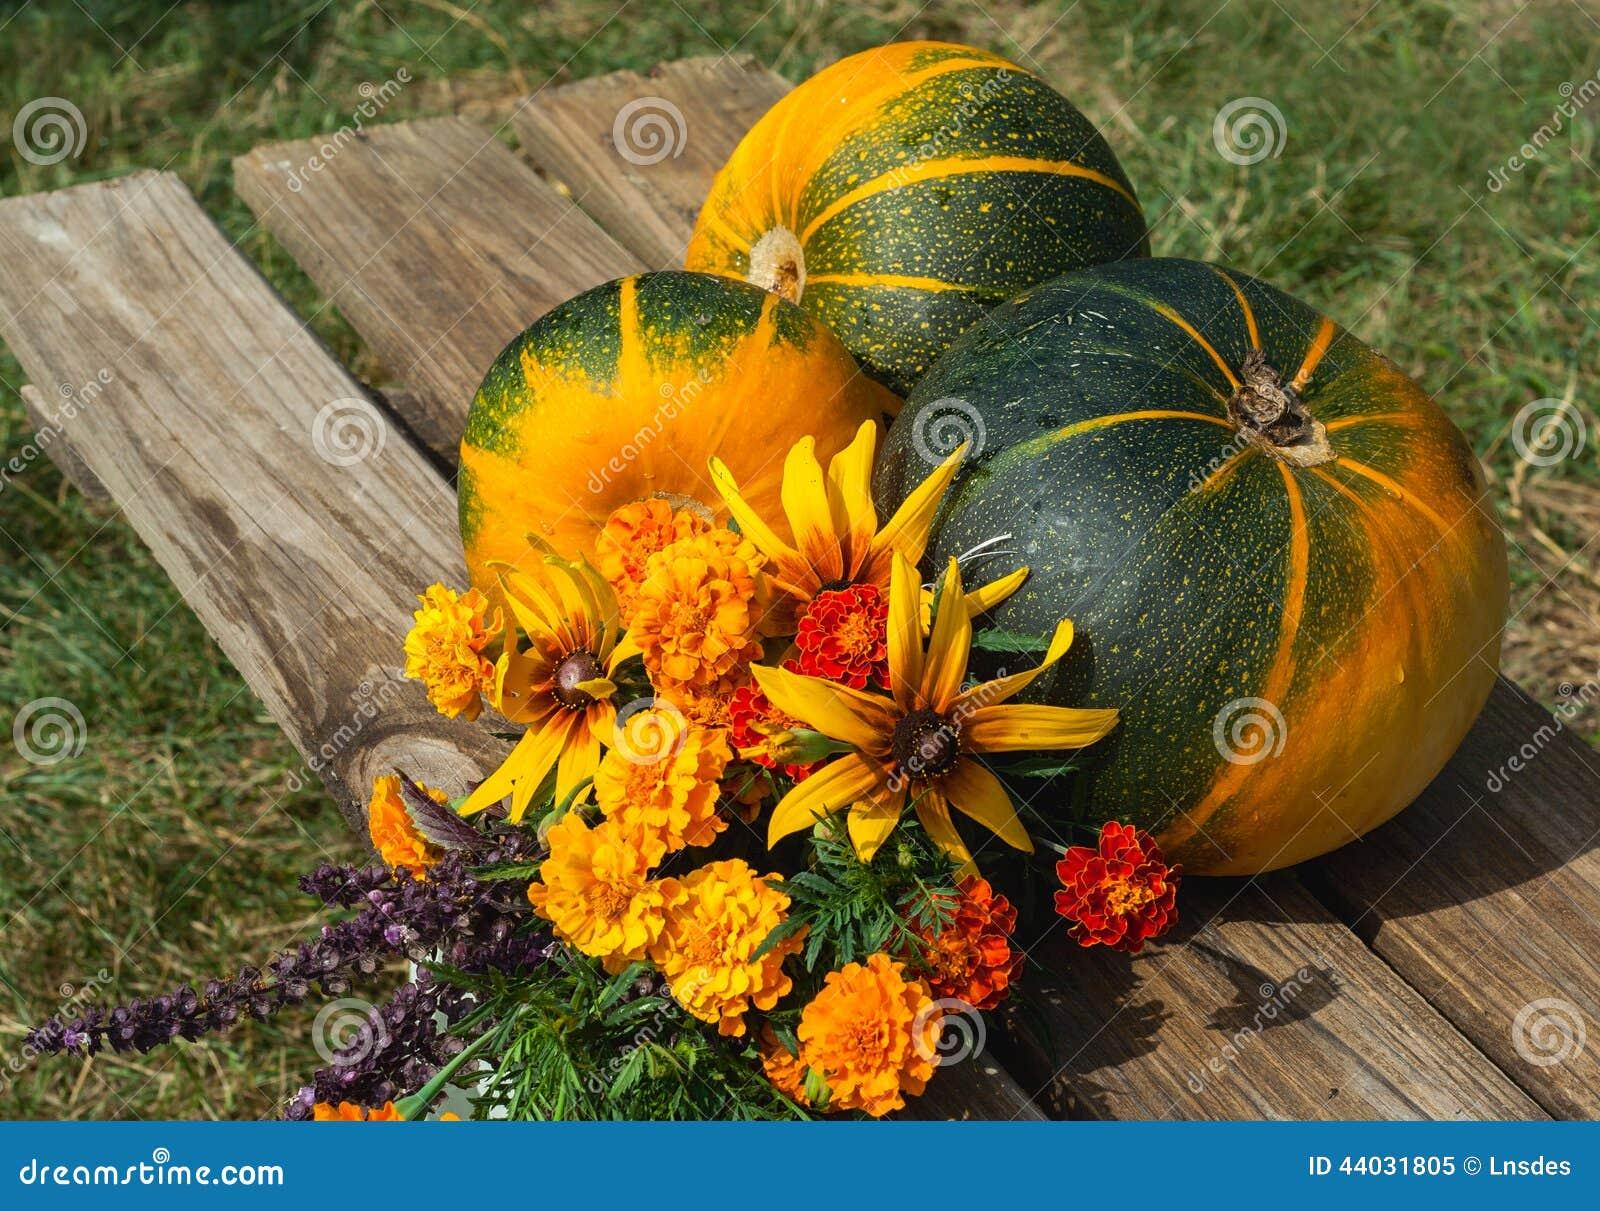 Frutta verdure e fiori di autunno immagine stock for Immagini fiori autunnali